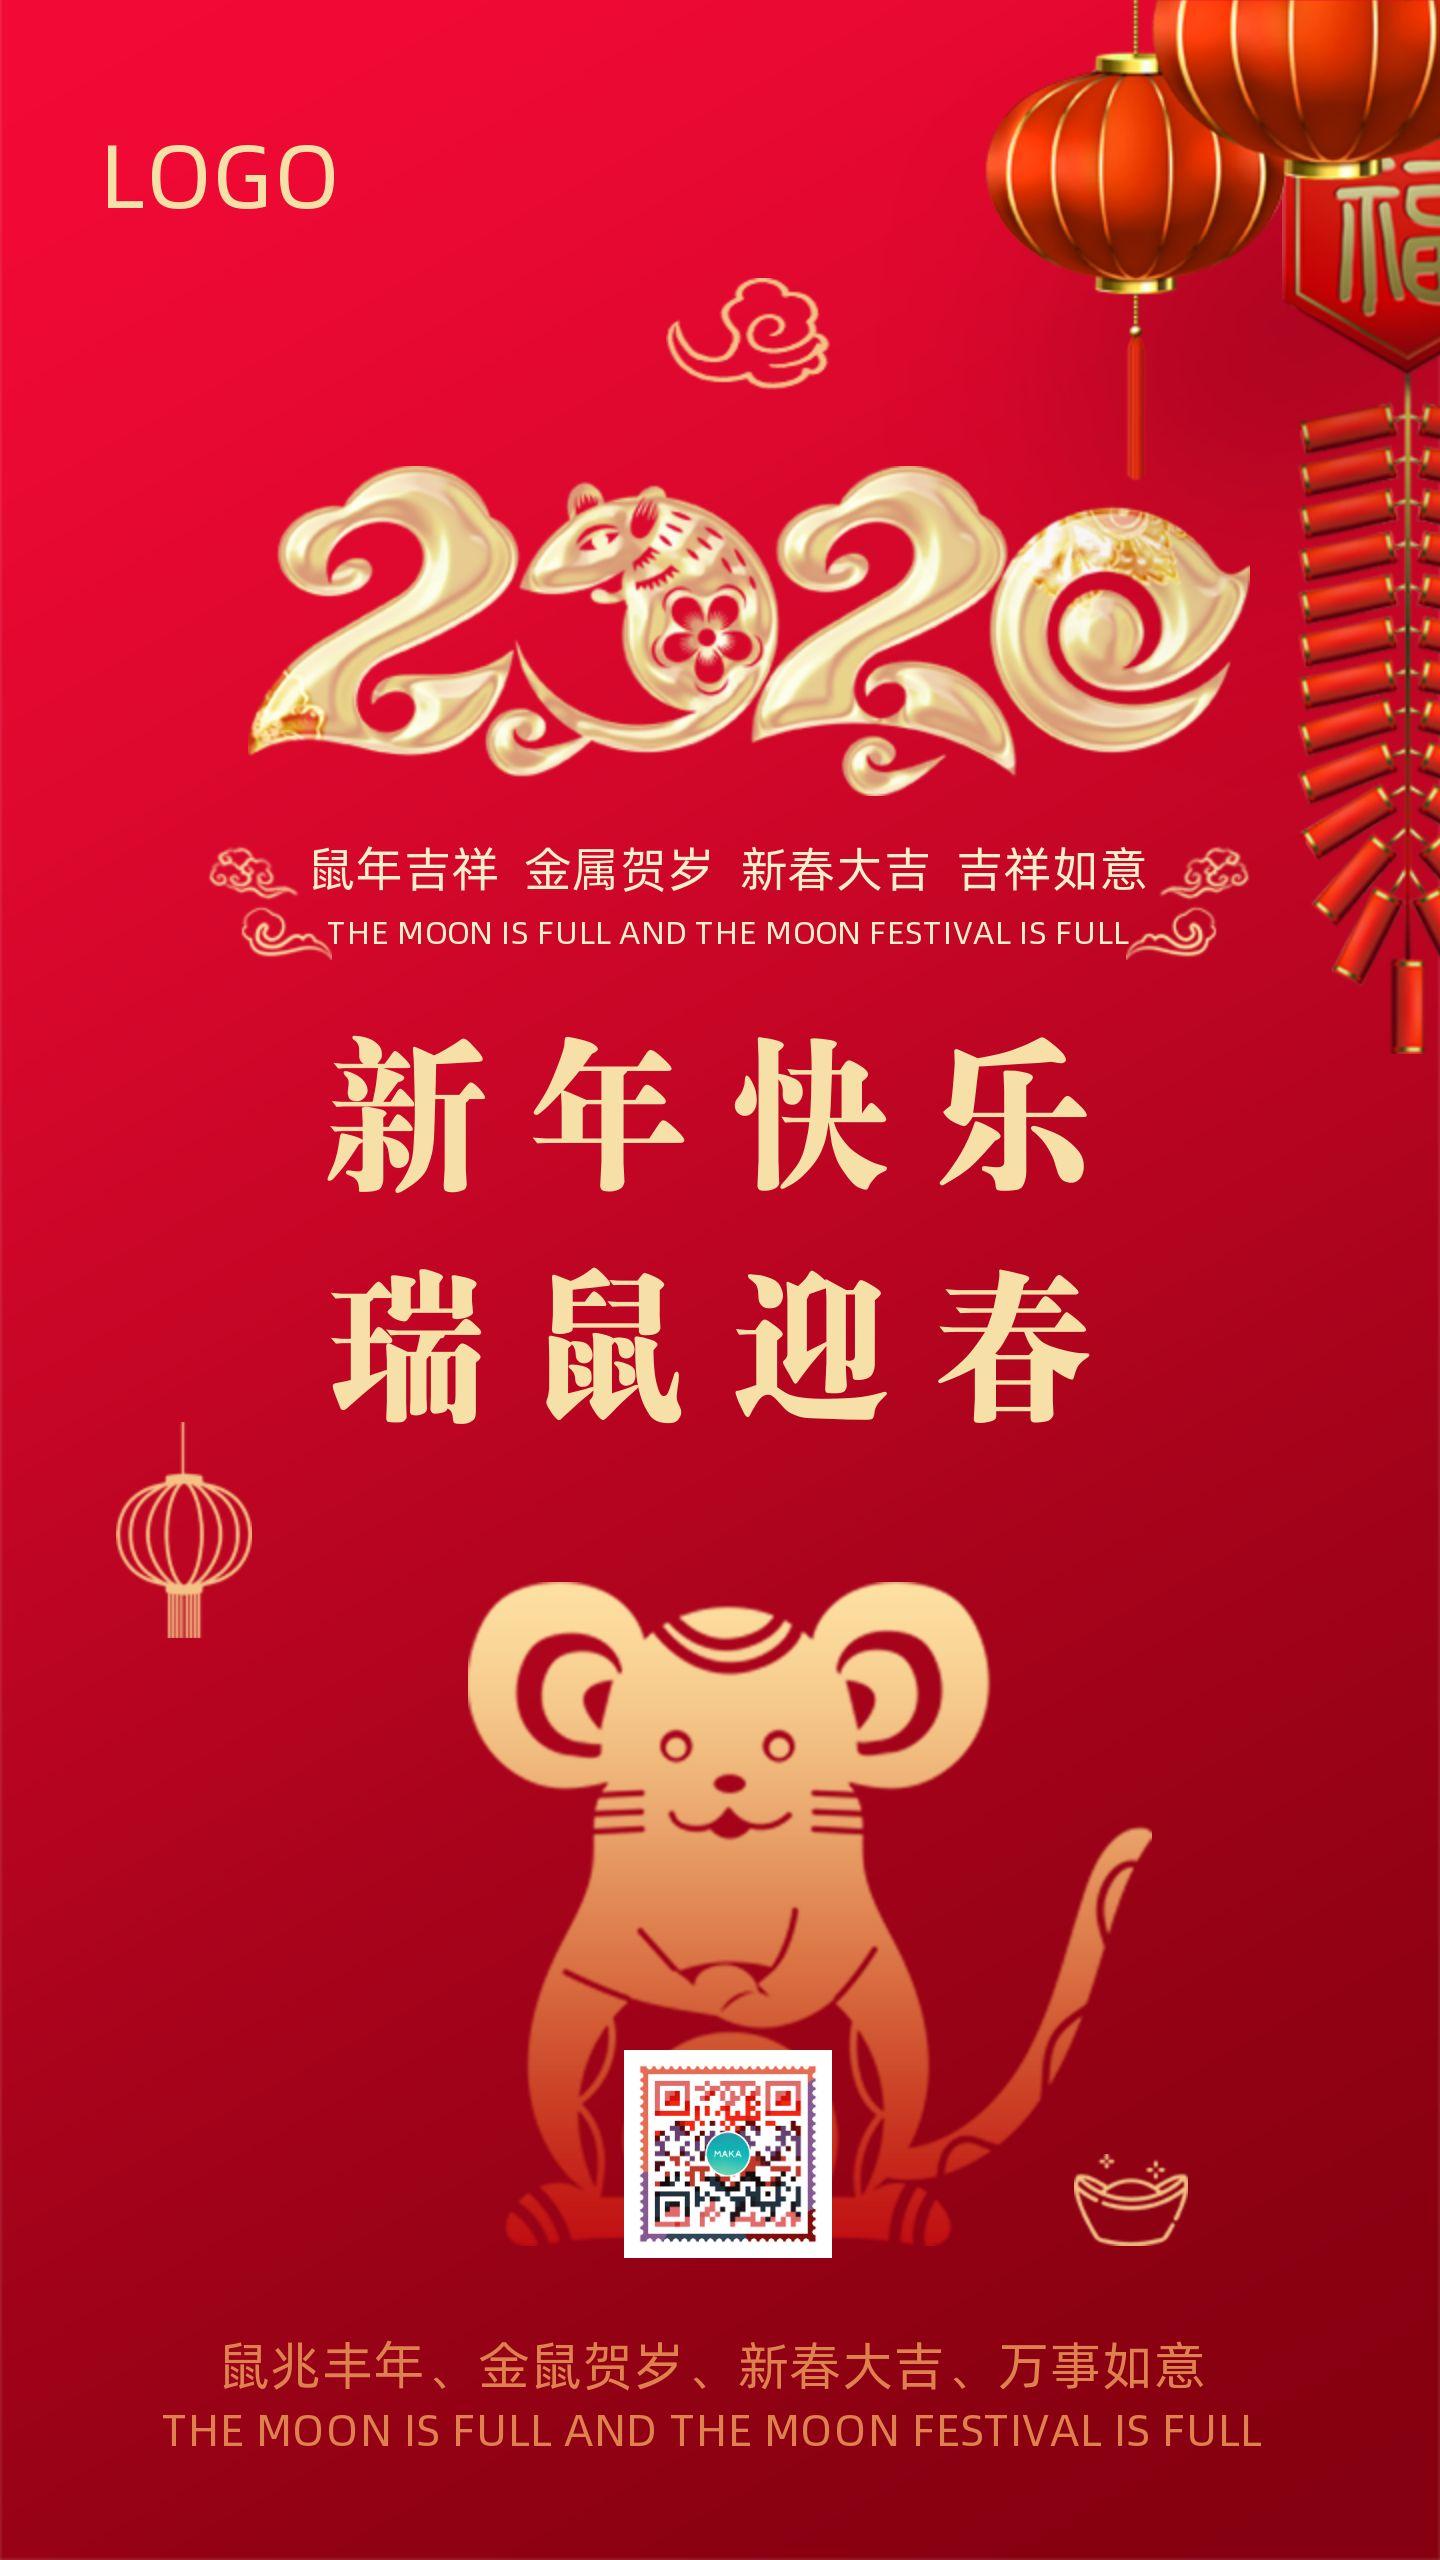 2020鼠年春节除夕新年微信朋友圈祝福企业宣传日签海报